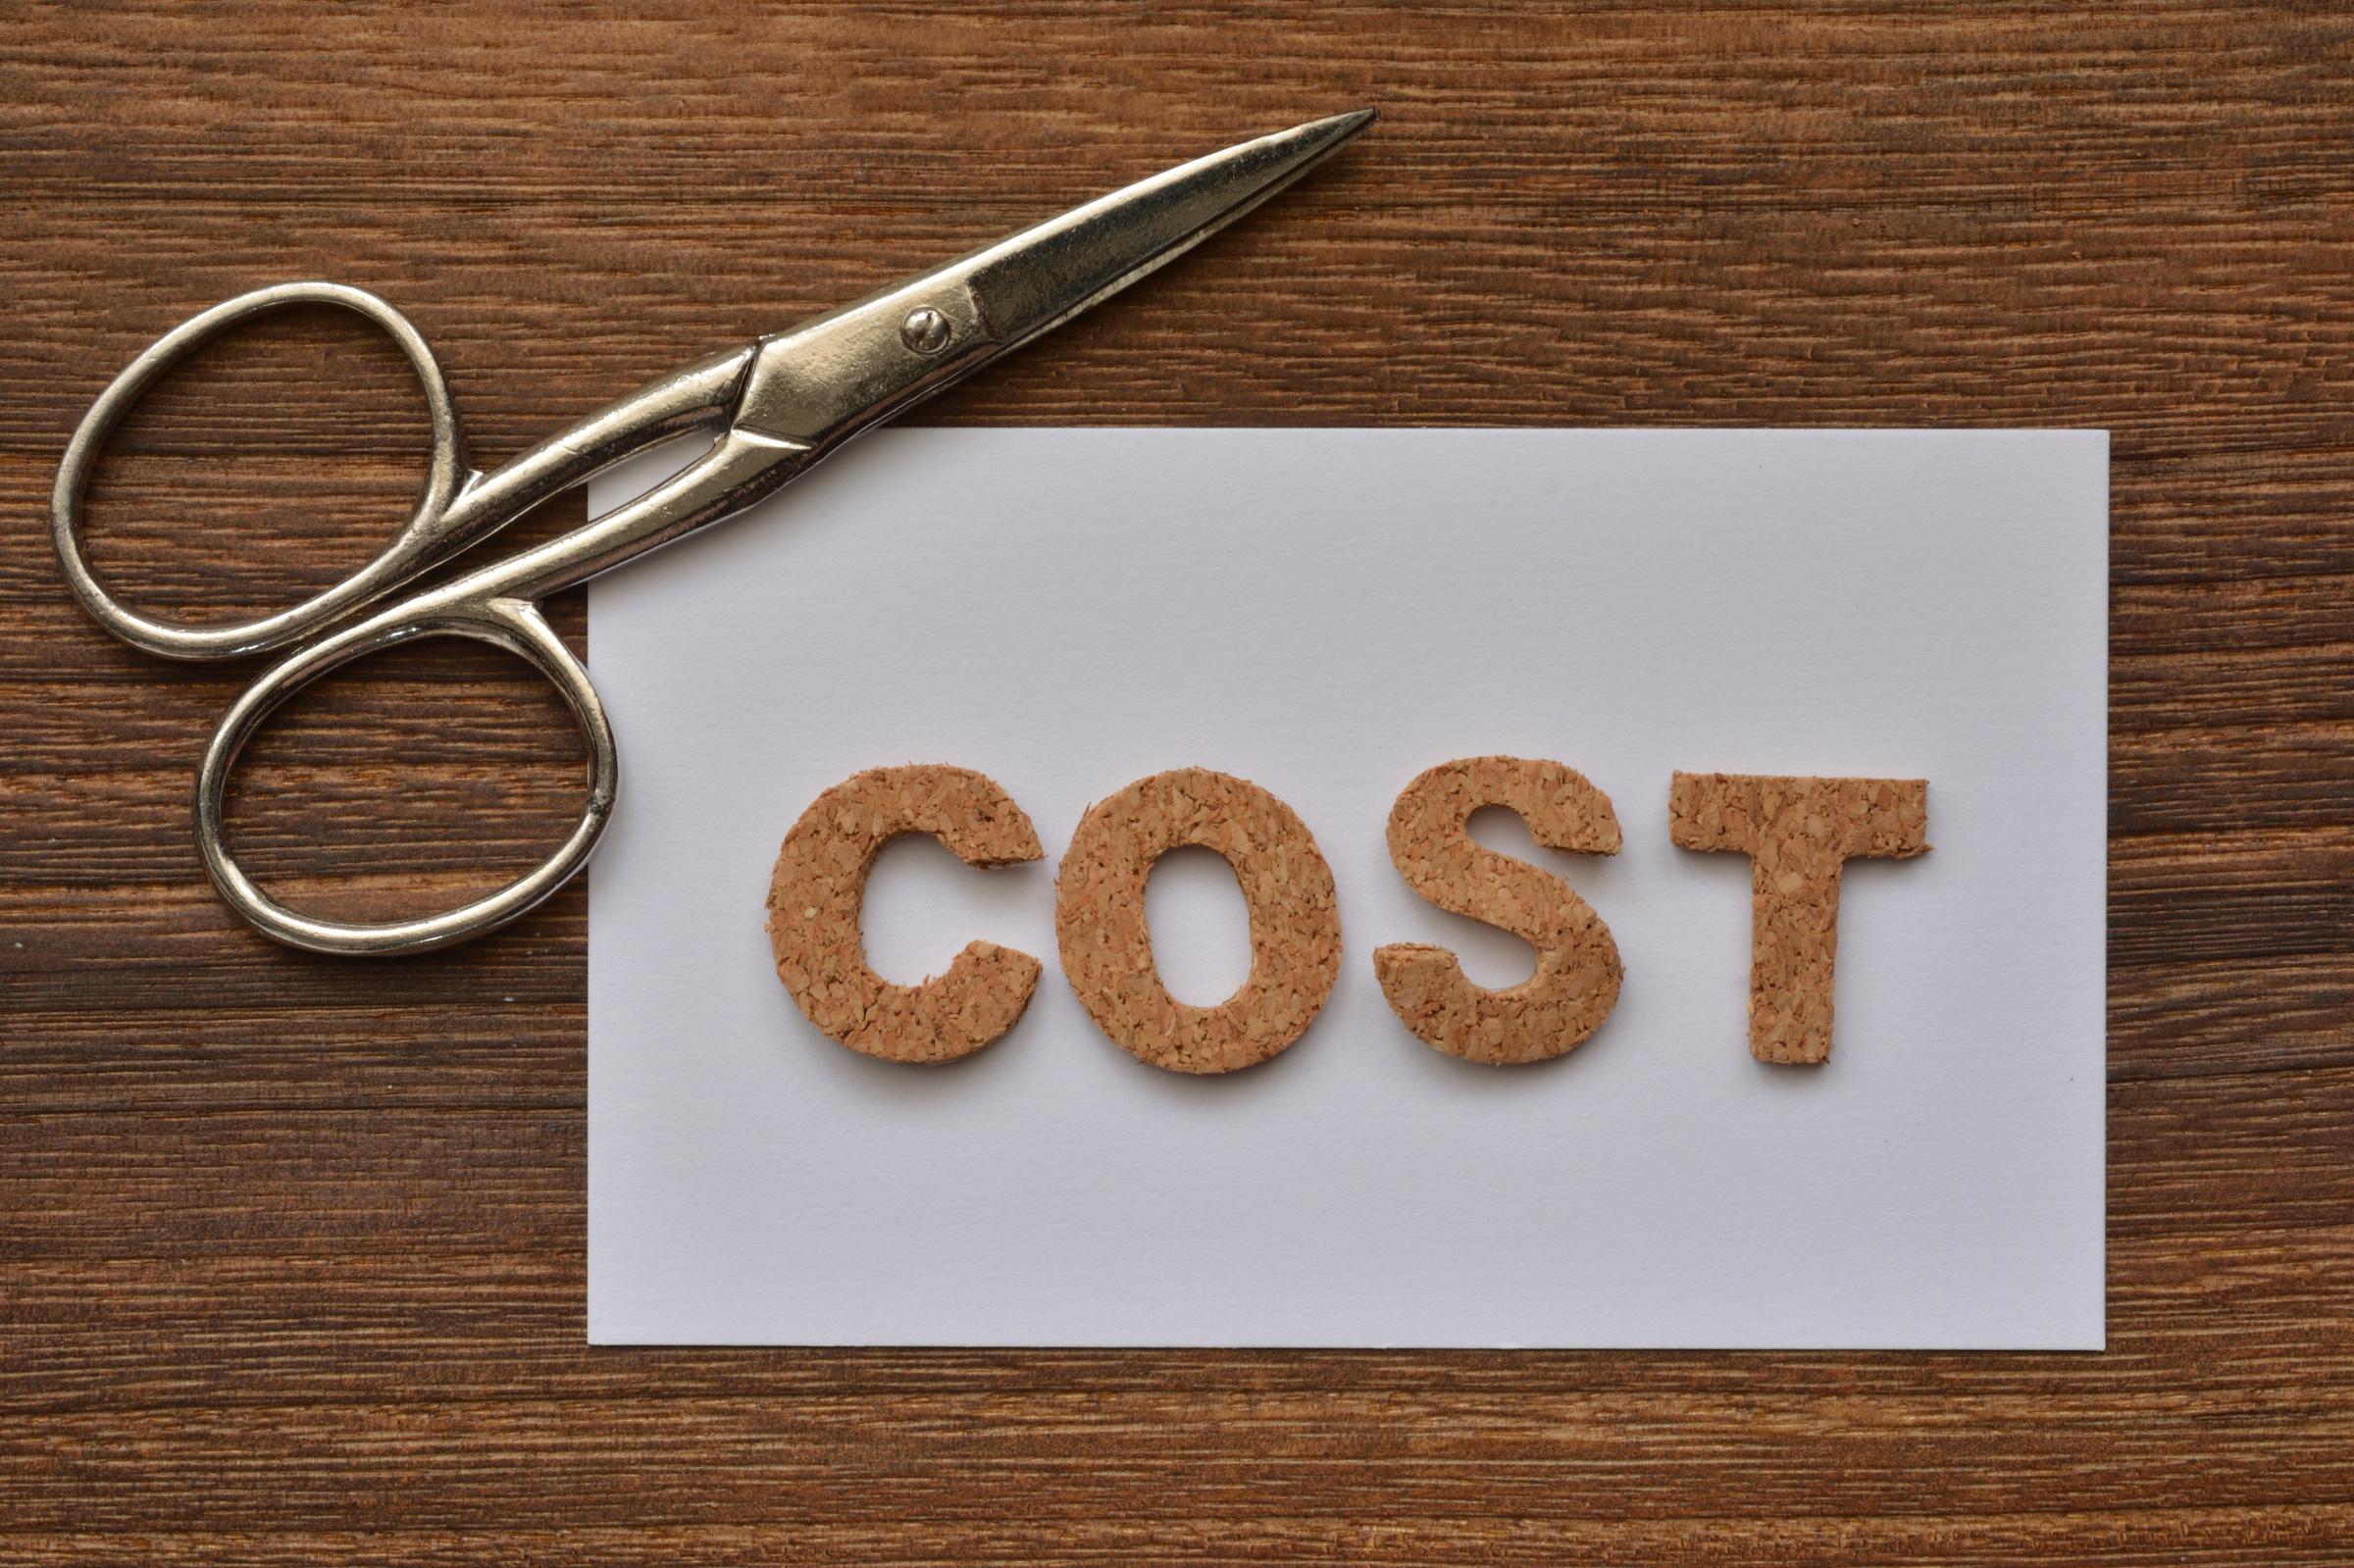 インフルエンサーマーケティングの費用